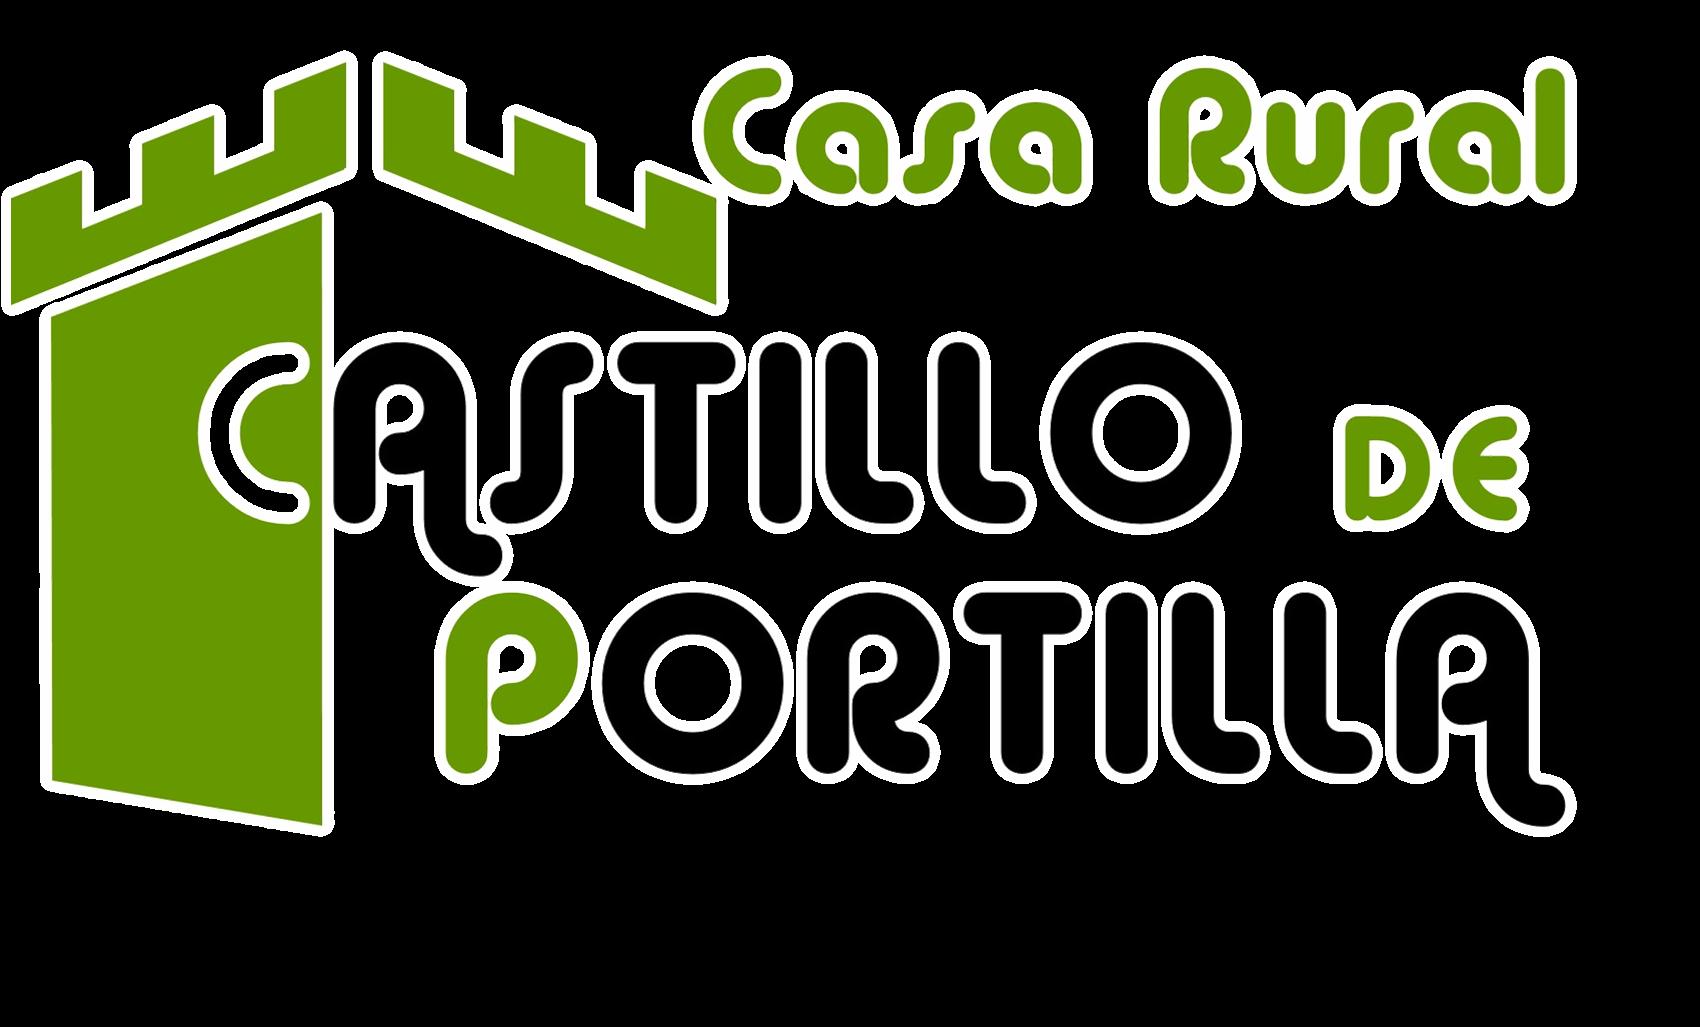 Casa Rural Castillo de Portilla